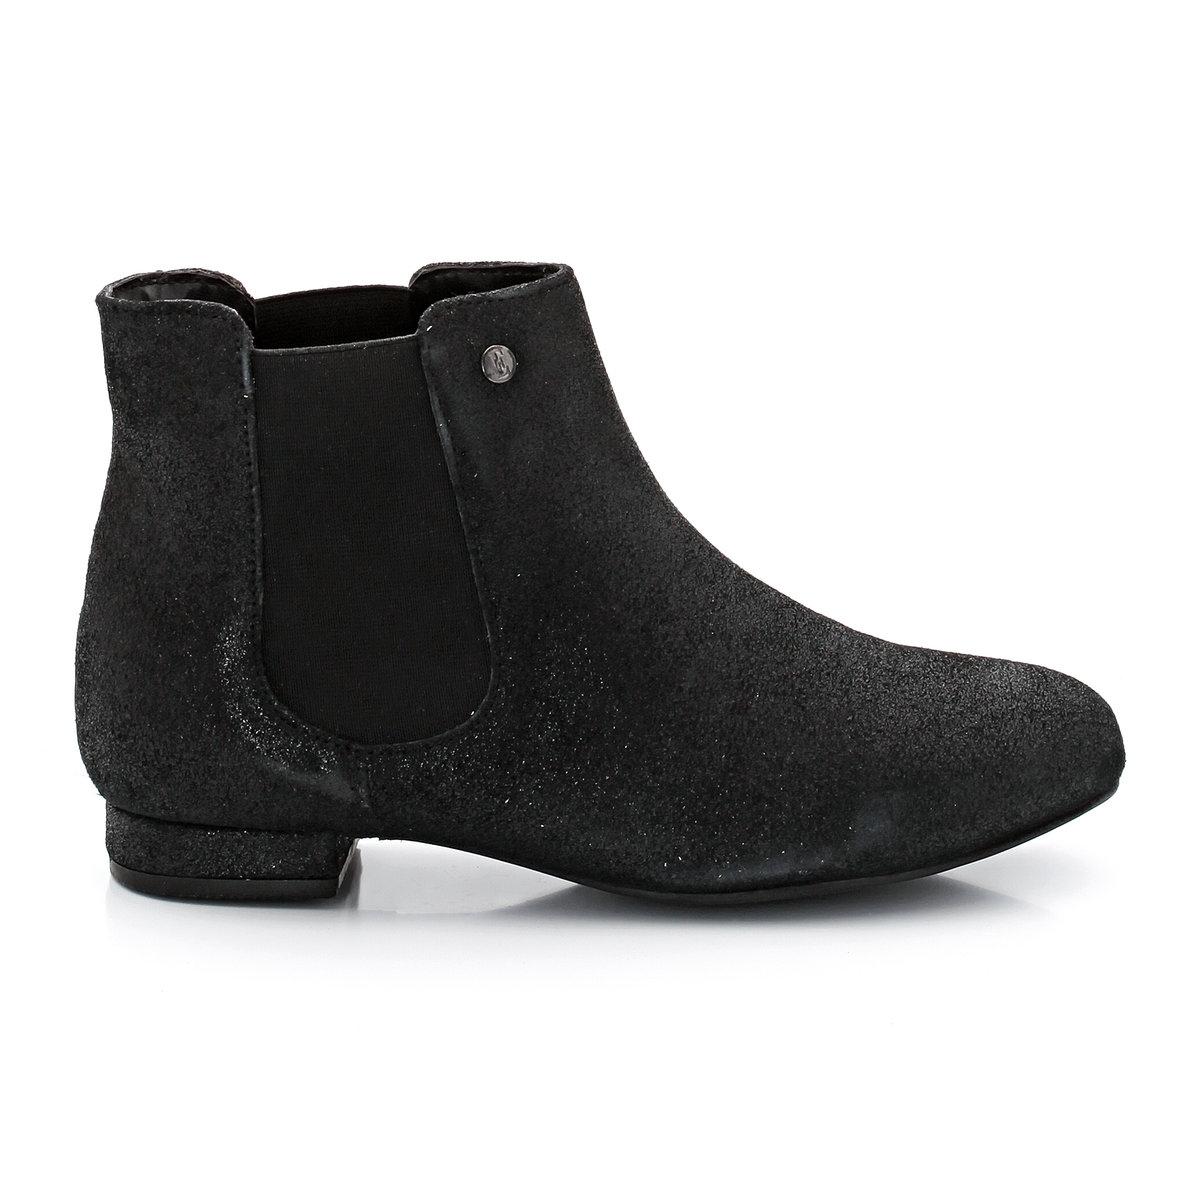 Ботинки из невыделанной кожи в стиле челси